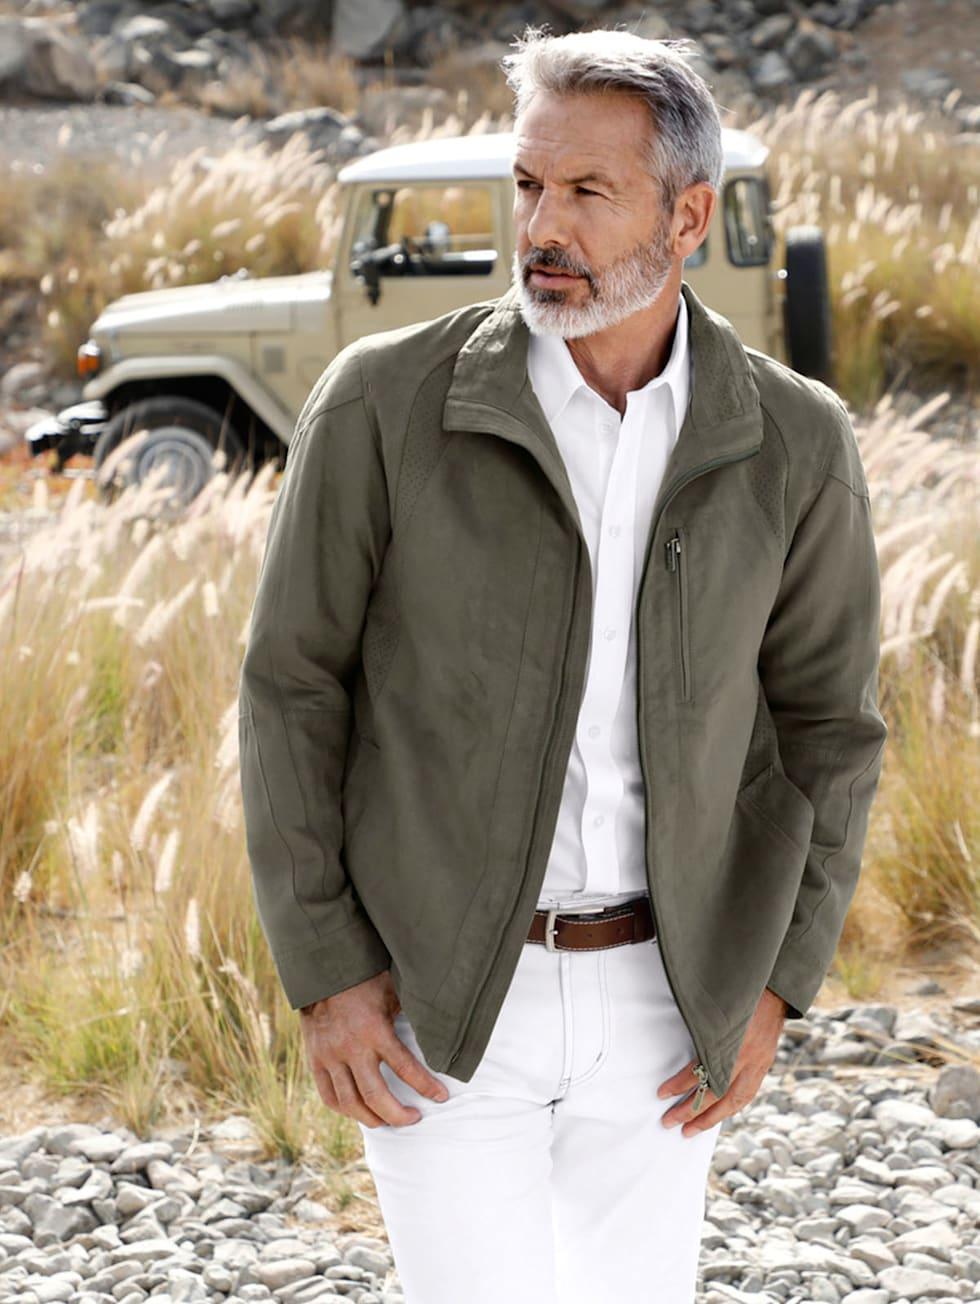 Comfort-Outfit: Jacke in Oliv, weißes Leinenhemd, weiße Hose und optional Pullover in Grün-Gelb